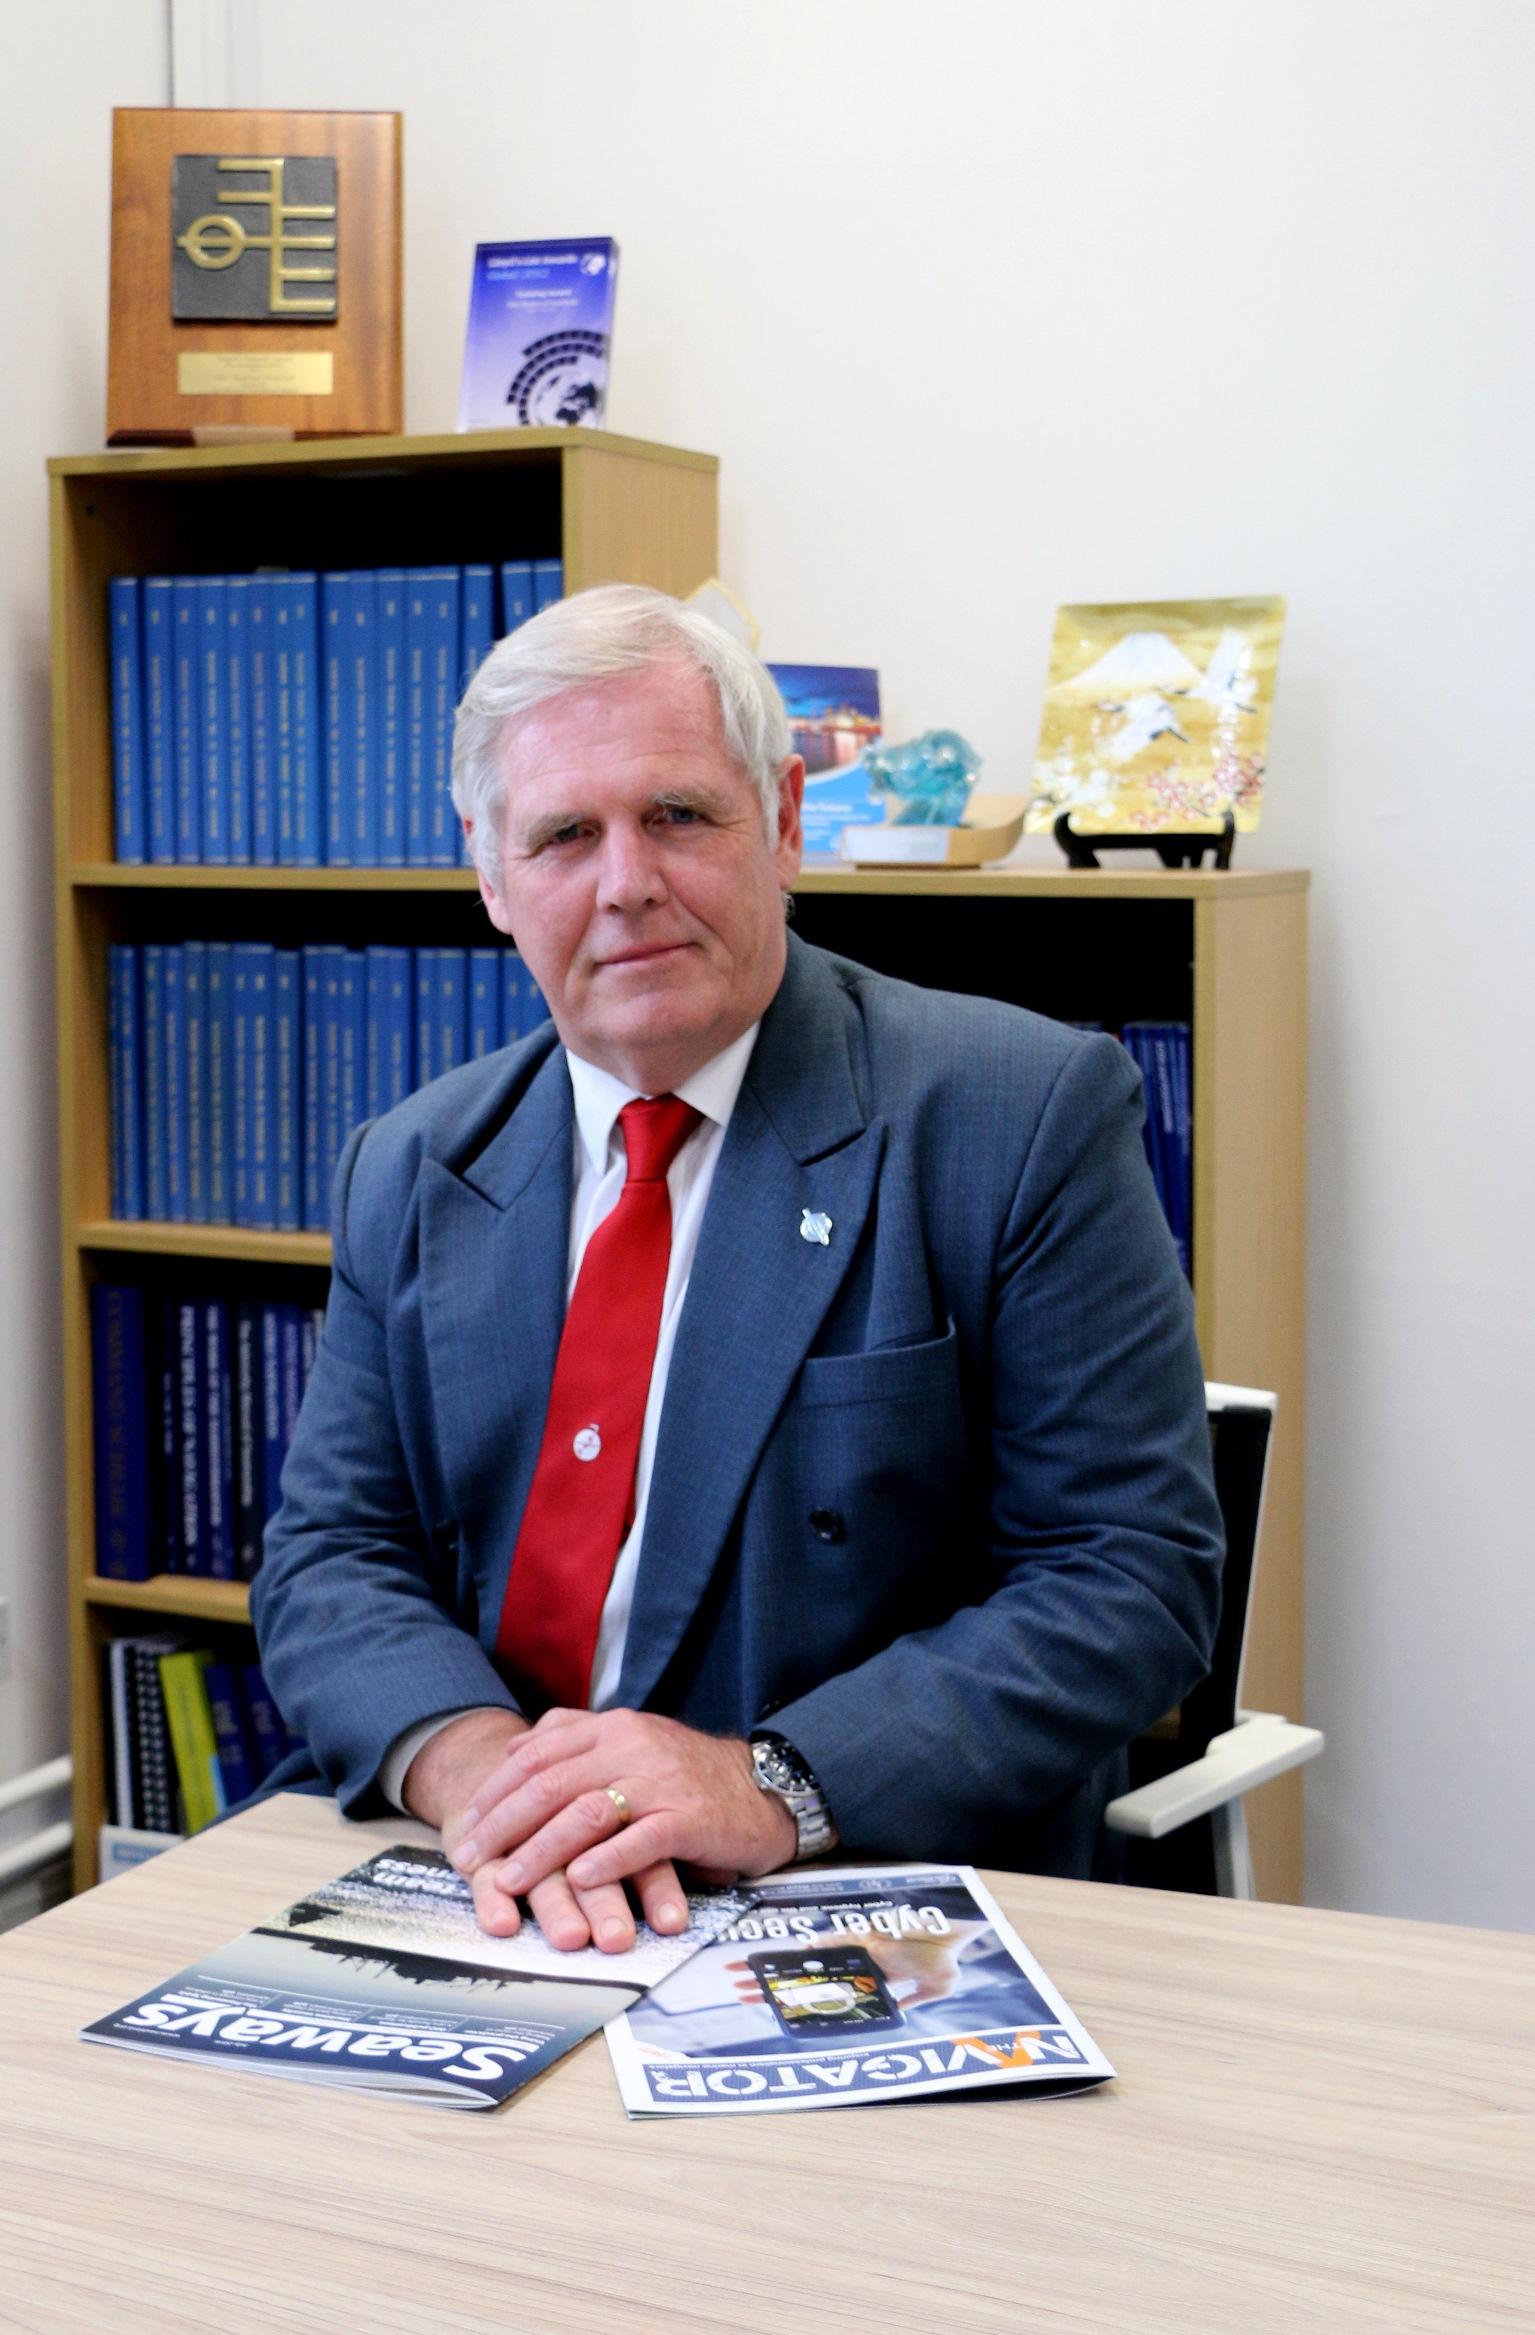 Captain John Lloyd, CEO for automation